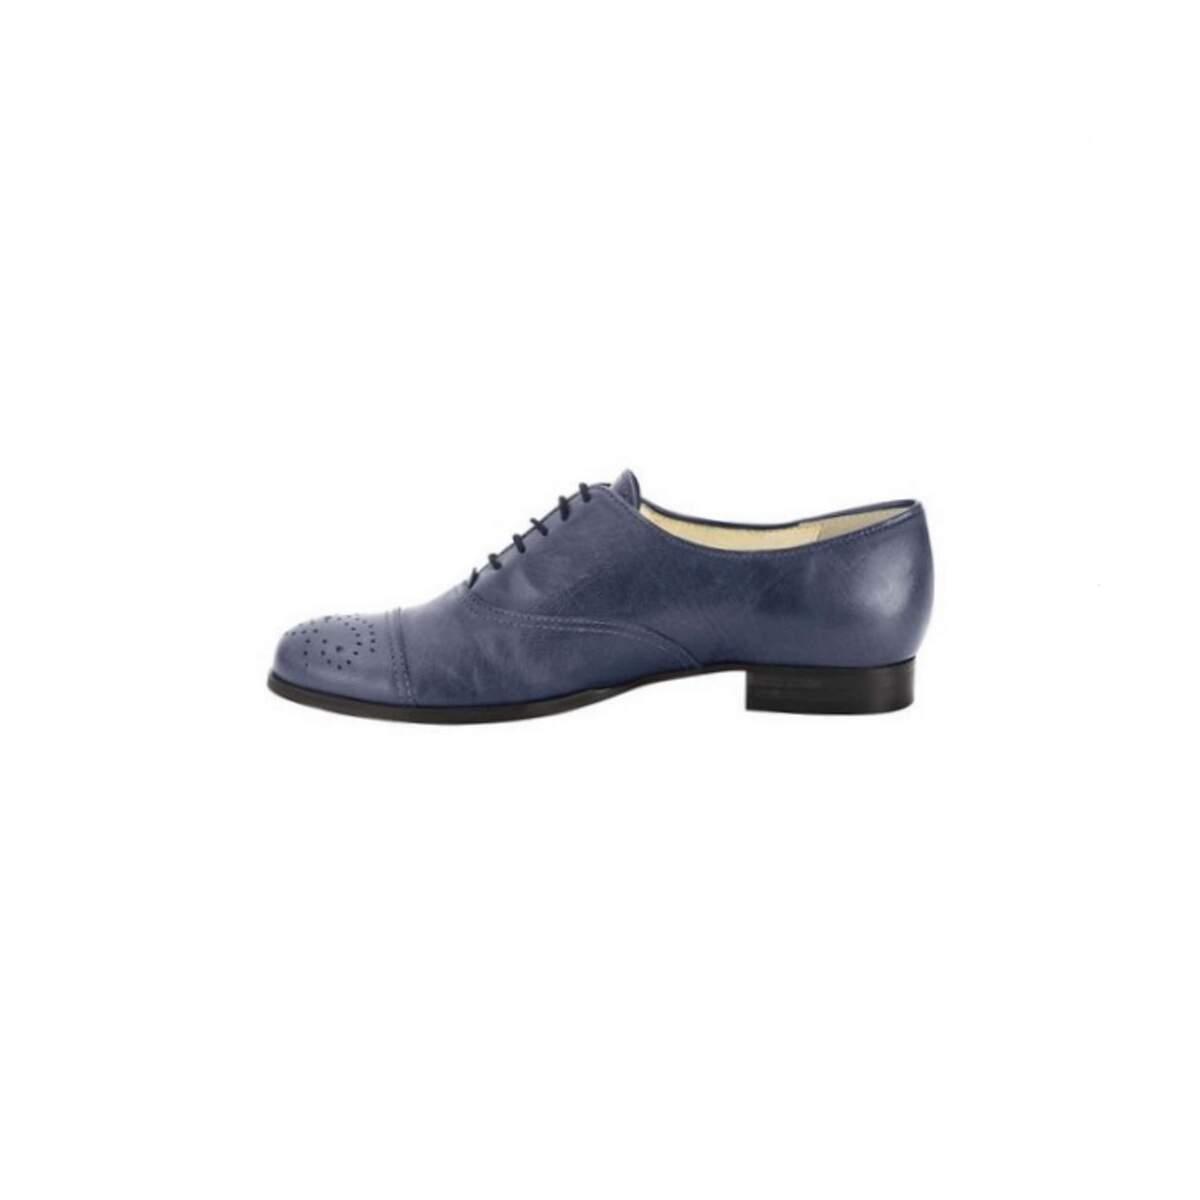 DAMEN Schuhe Stiefeletten Rick Cardona New York Bordeaux